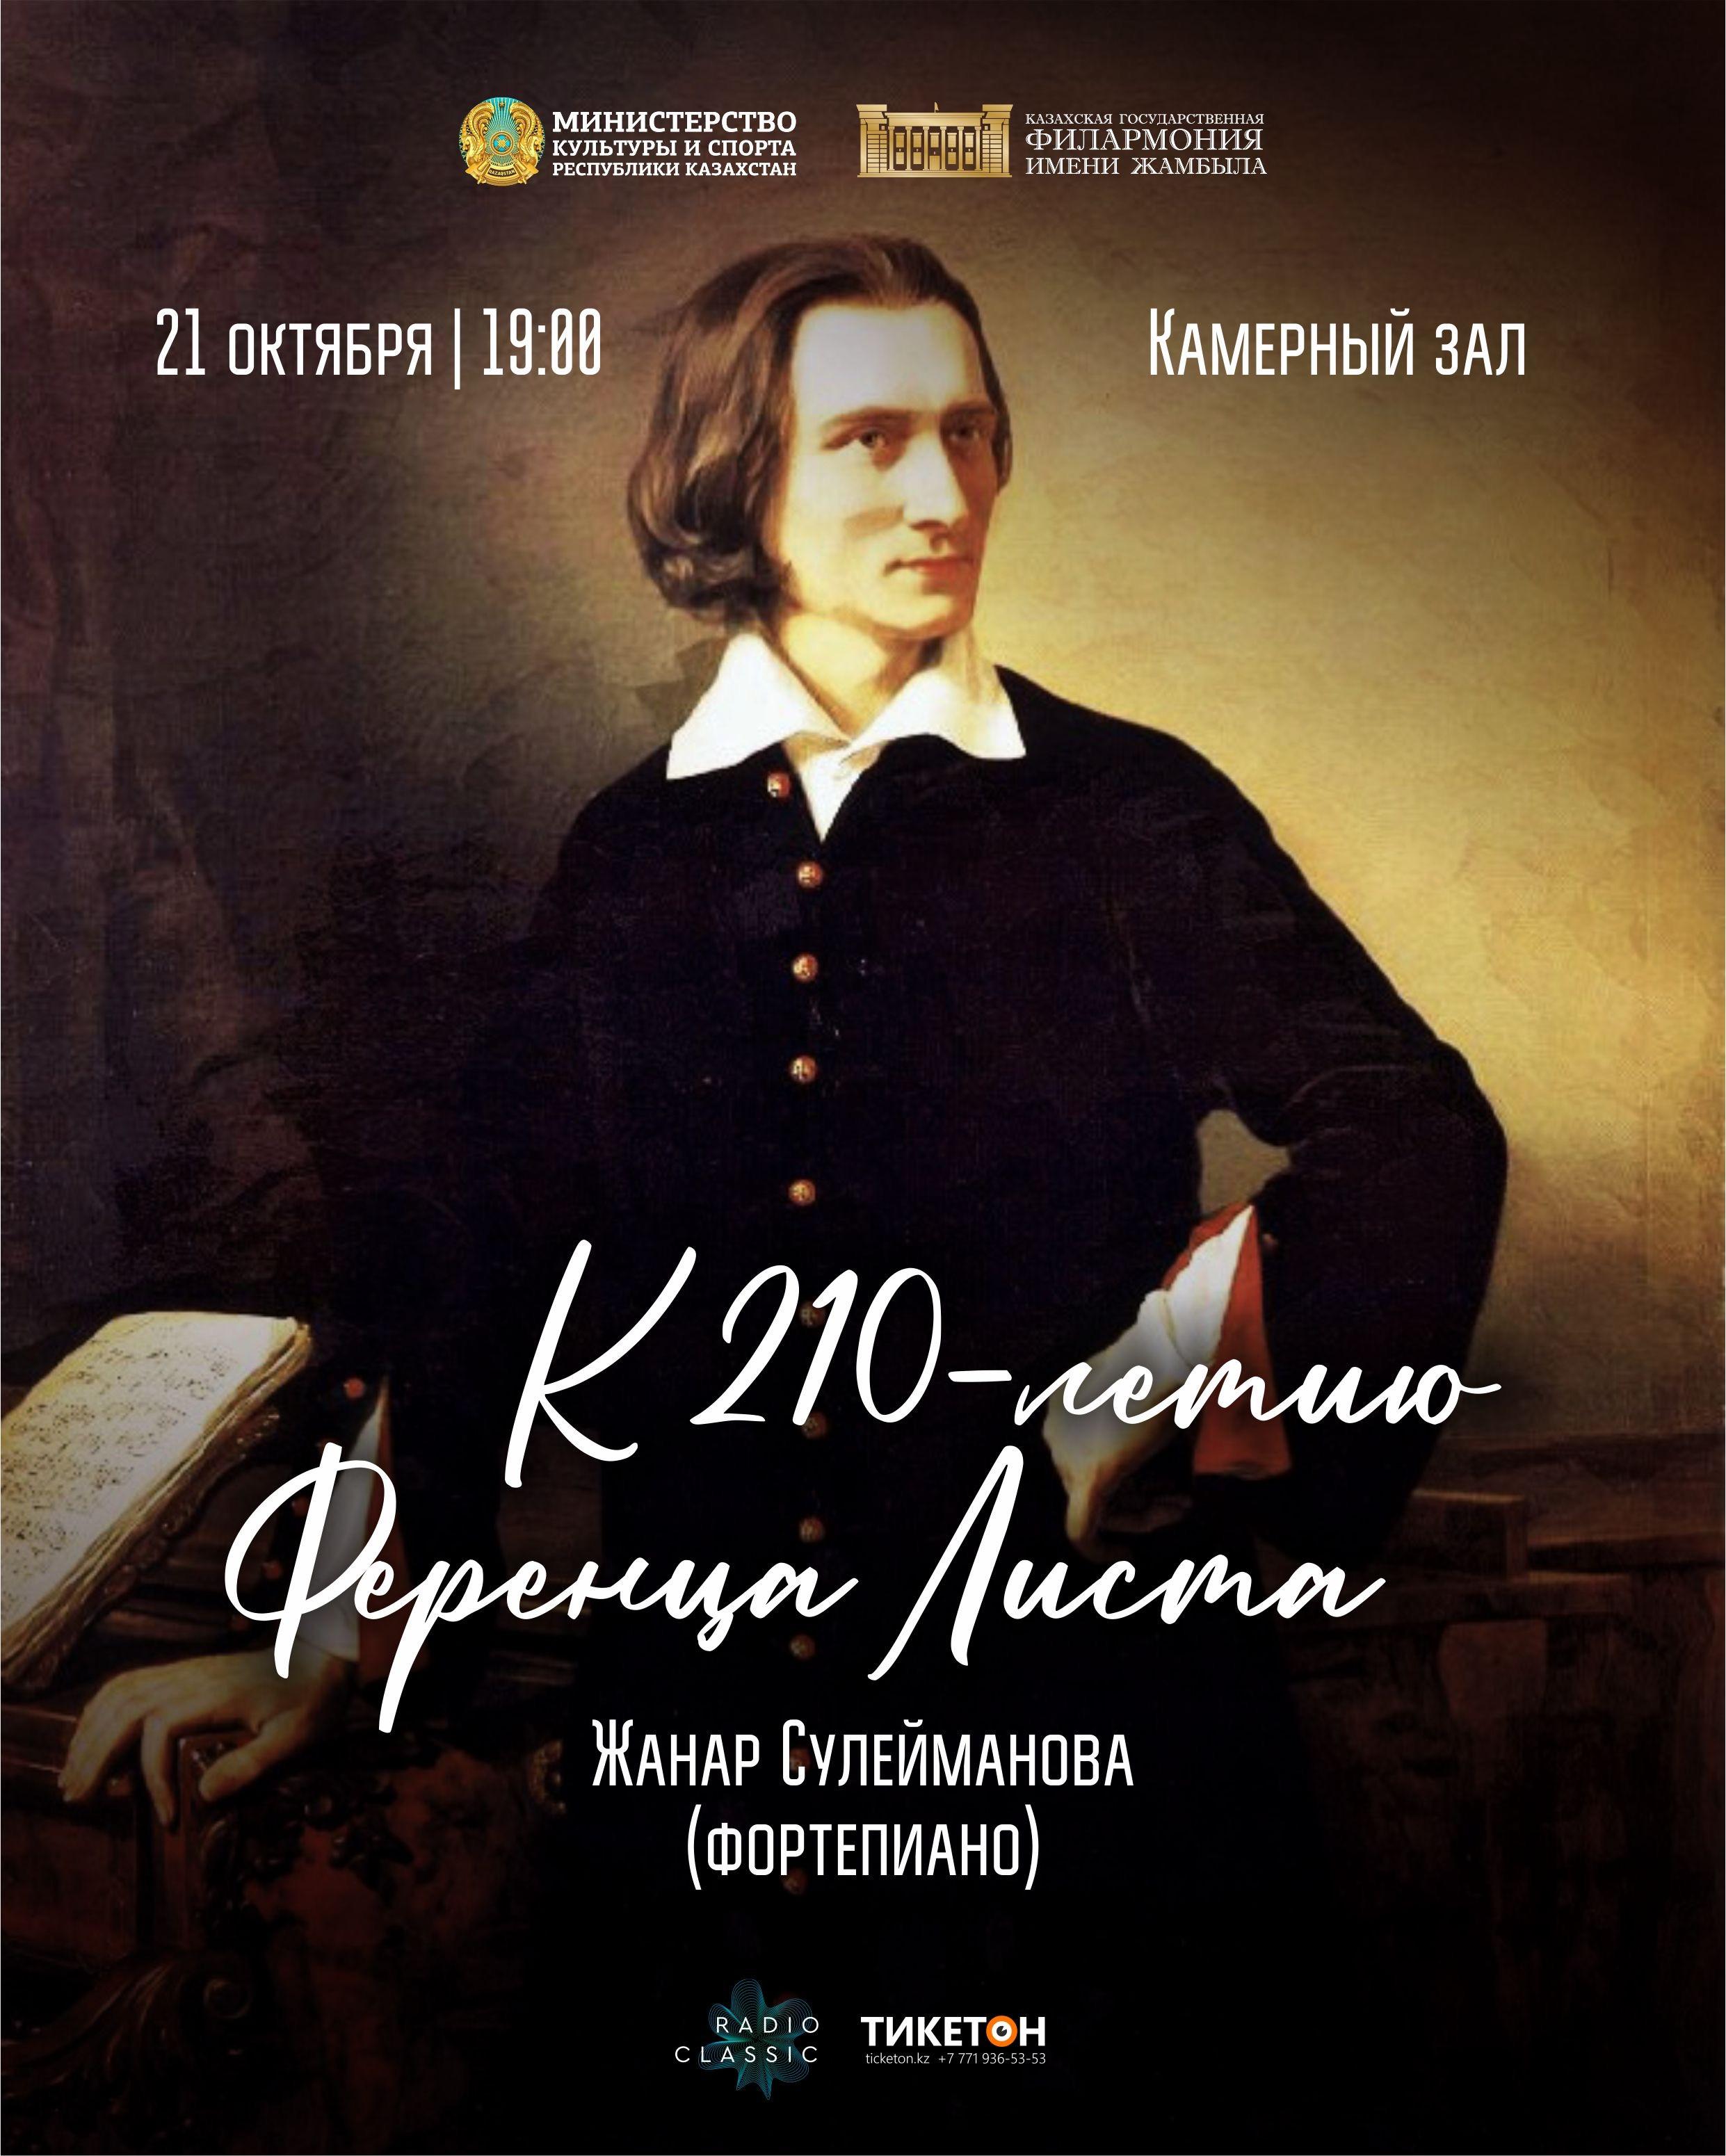 К 210-летию Ф. Листа/Филармония Алматы